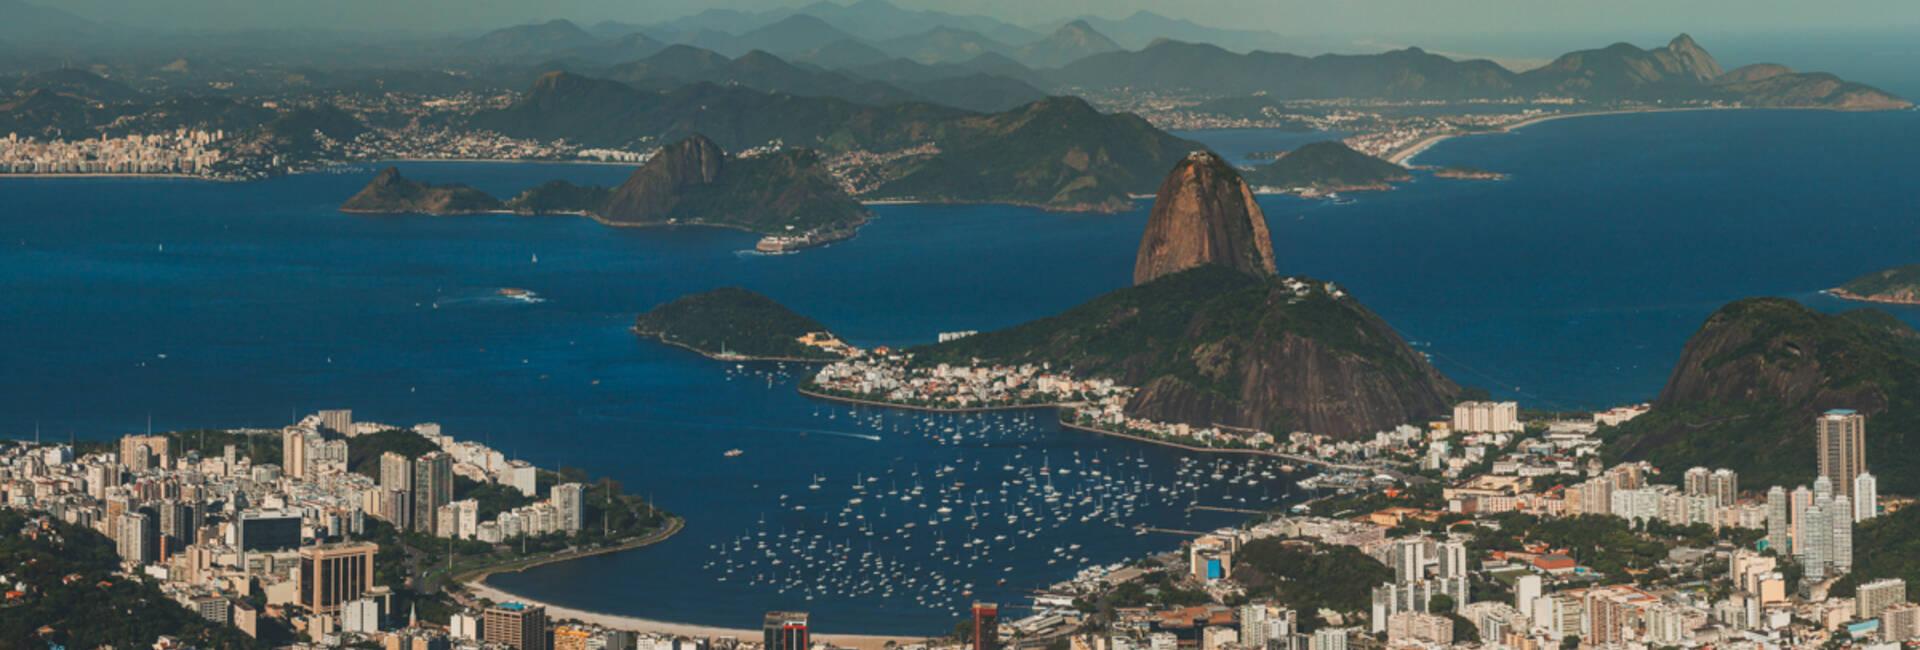 de Rio de Janeiro